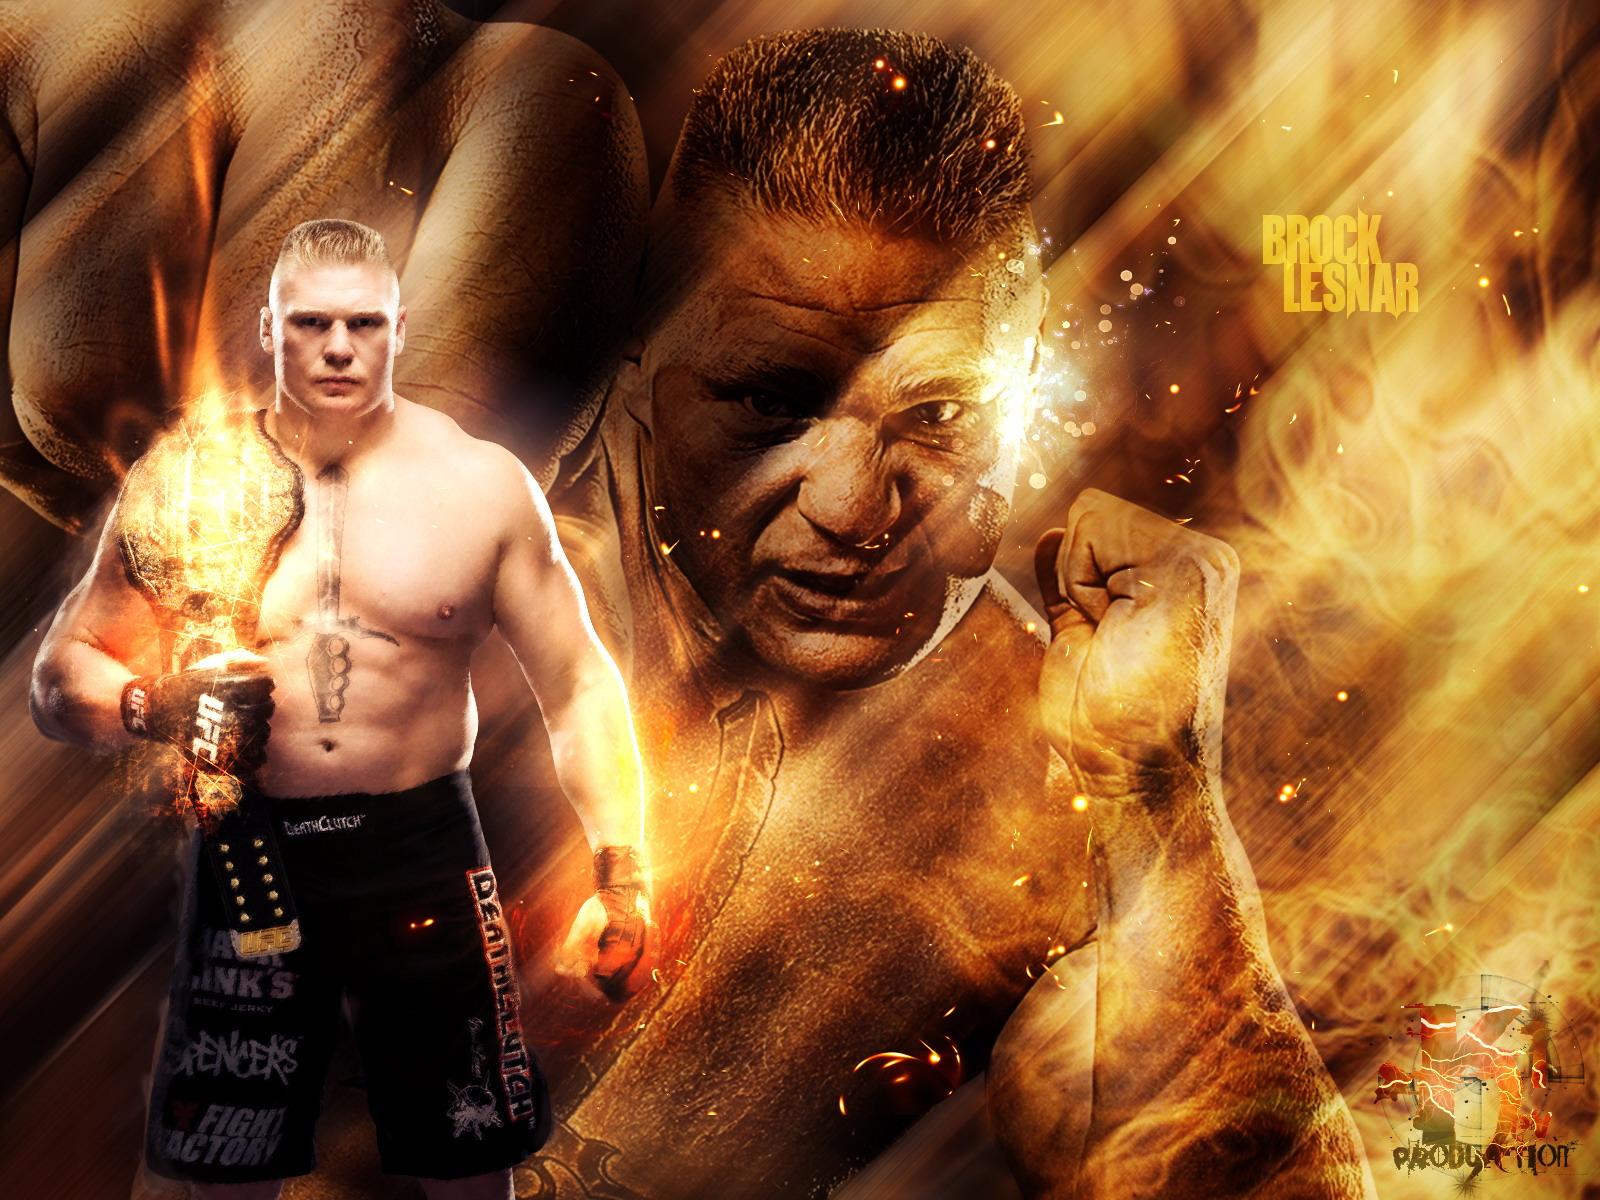 Wallpapers Of Brock Lesnar